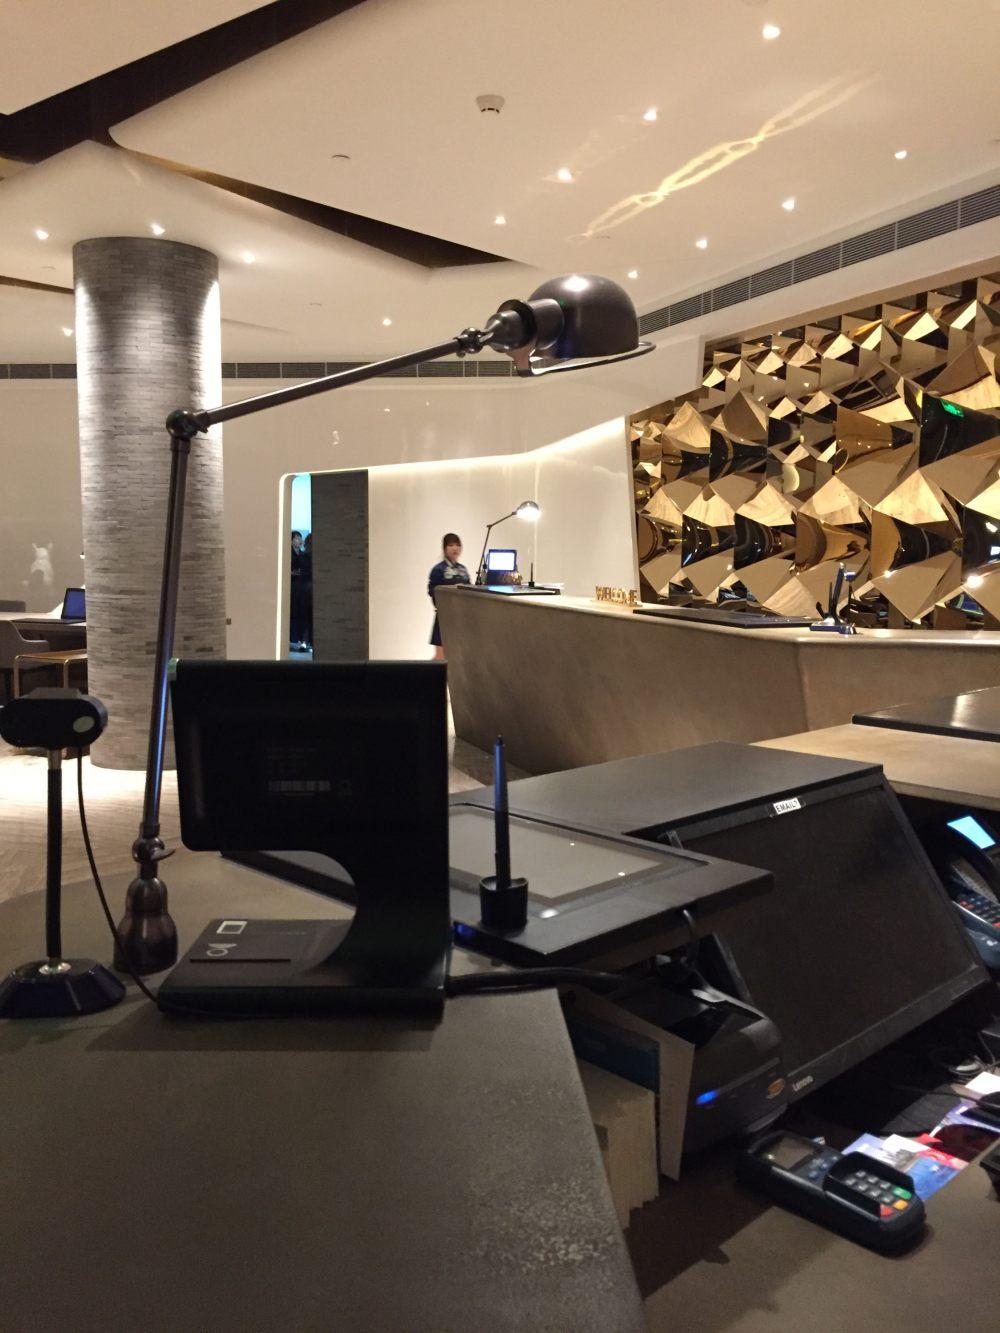 上海外滩W酒店,史上最全入住体验 自拍分享,申请置...._IMG_6178.JPG